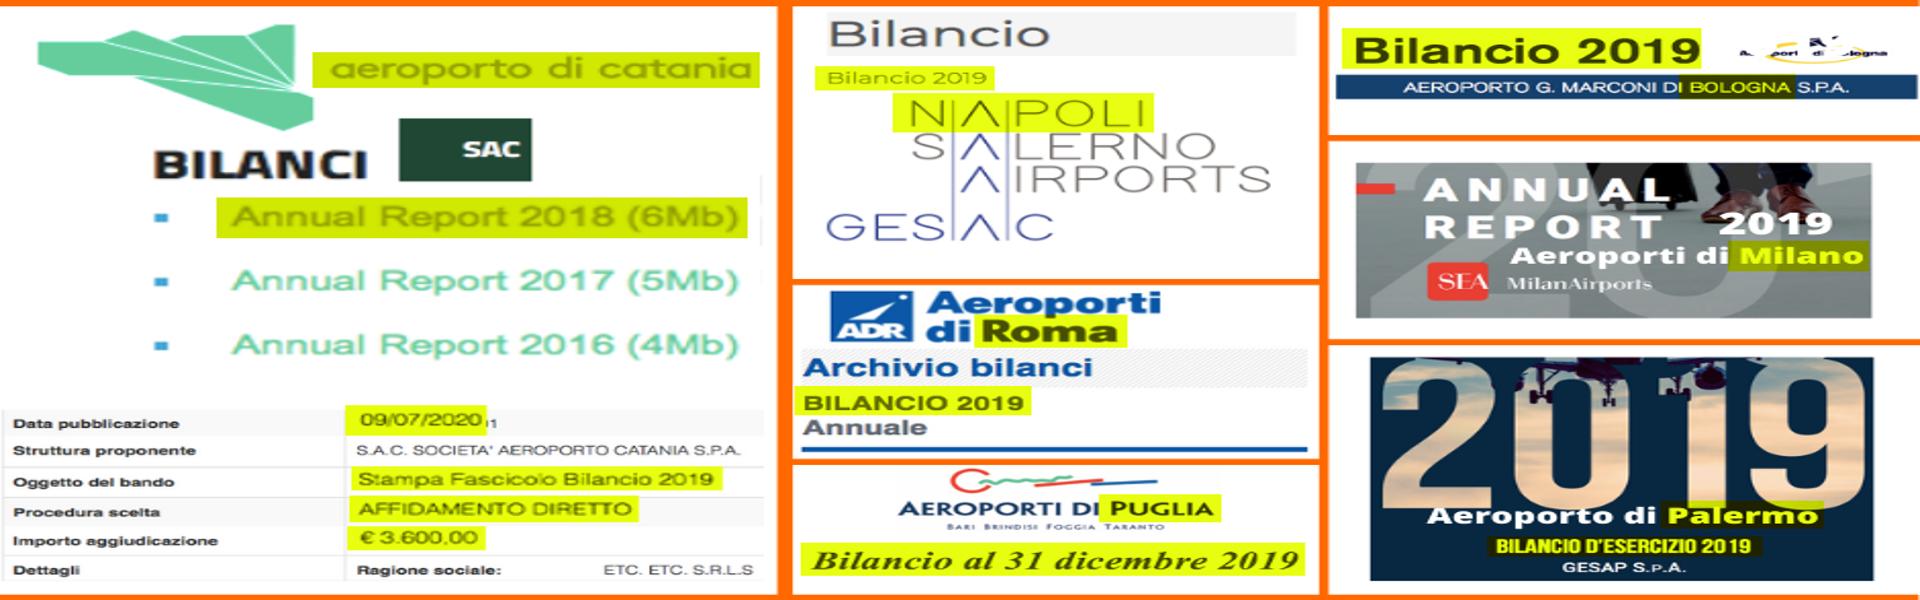 Tutti gli aeroporti d'Italia hanno pubblicato il bilancio 2019 tranne SAC, quello di Catania...che però ha speso 3.600 euro...per stamparlo